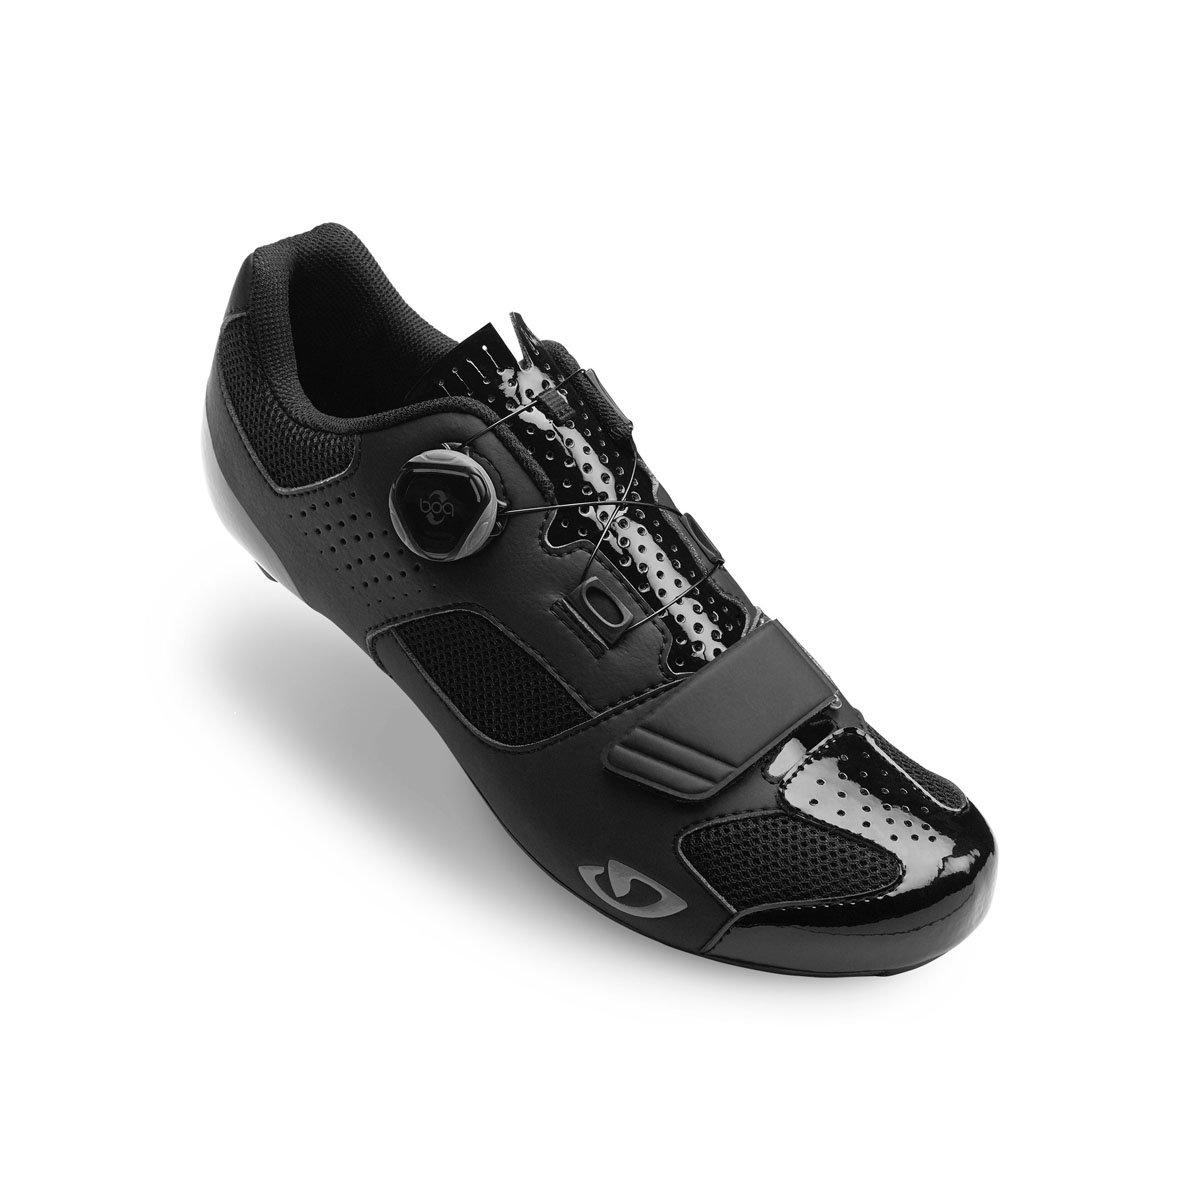 Giro Giro Giro Herren Trans (Boa) Road Radsportschuhe-Rennrad 2a0bfa